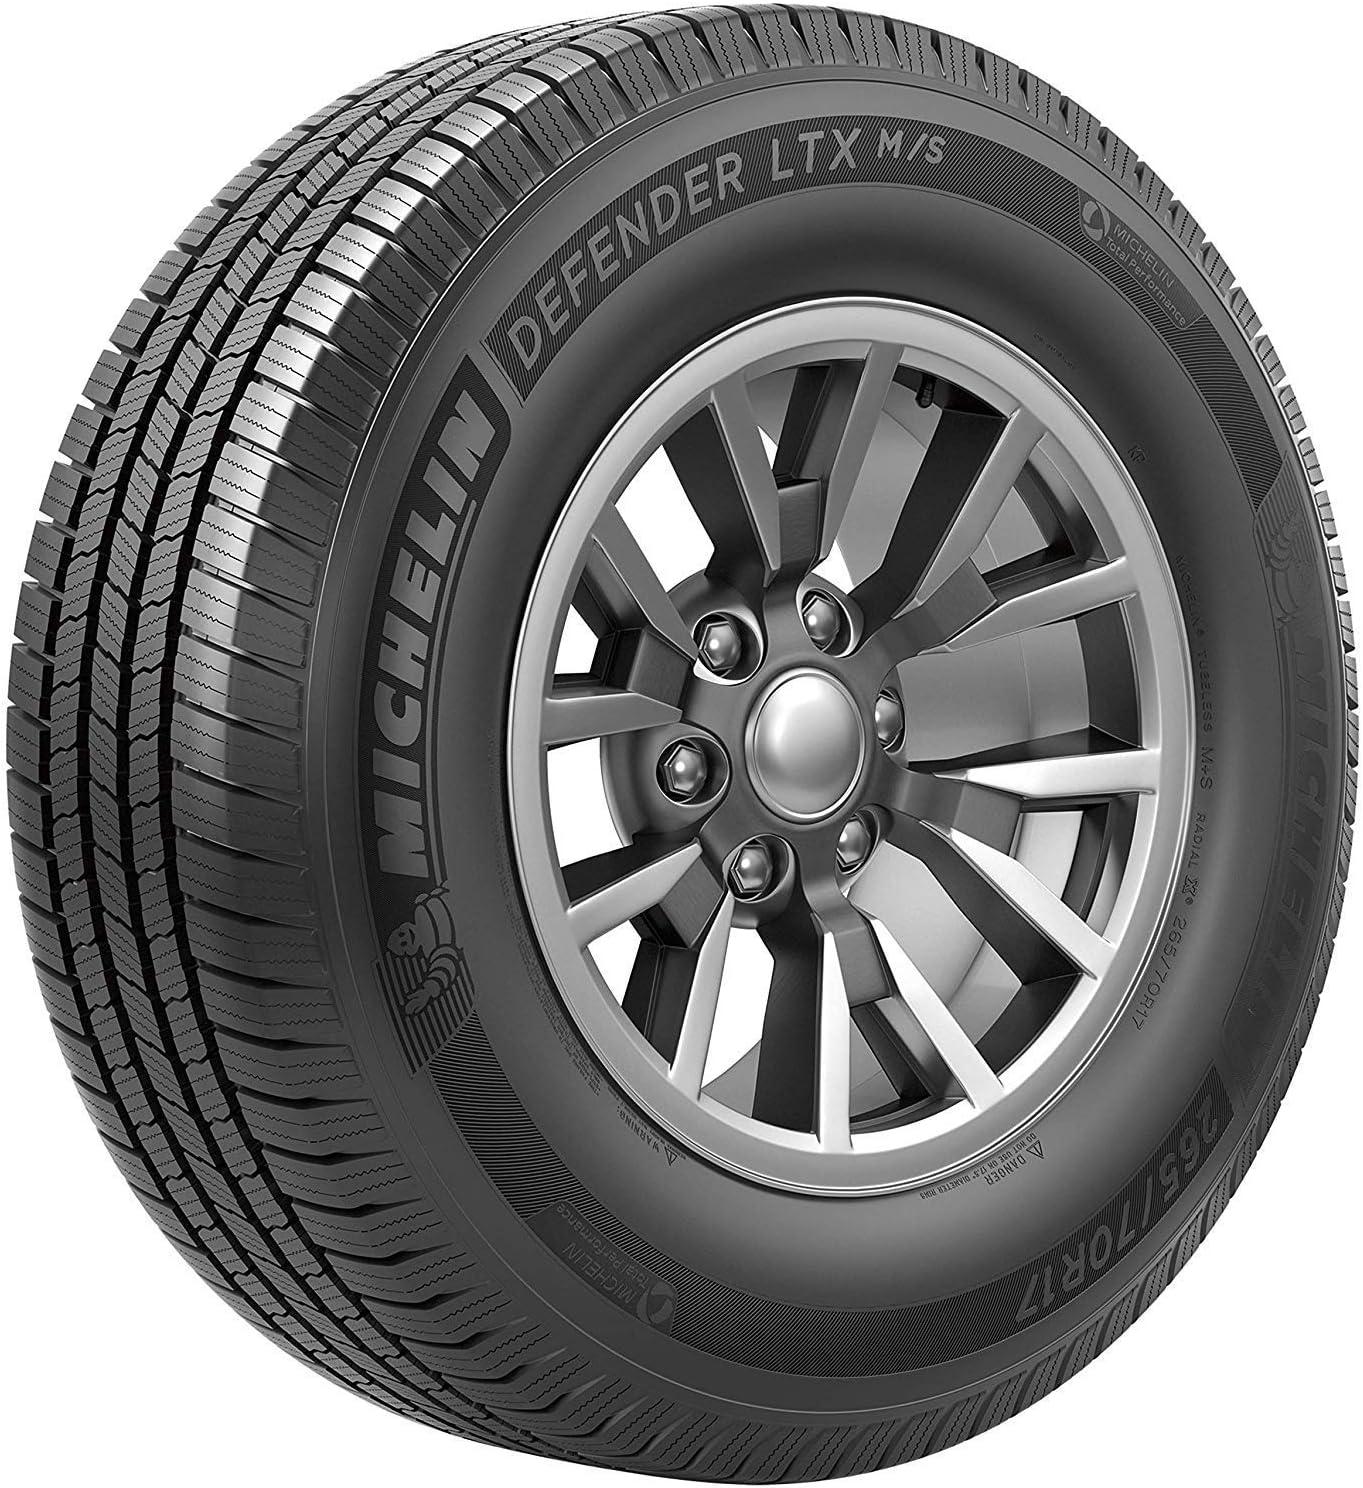 Michelin Defender LTX M/S All Season Radial Car Tire for Light Trucks